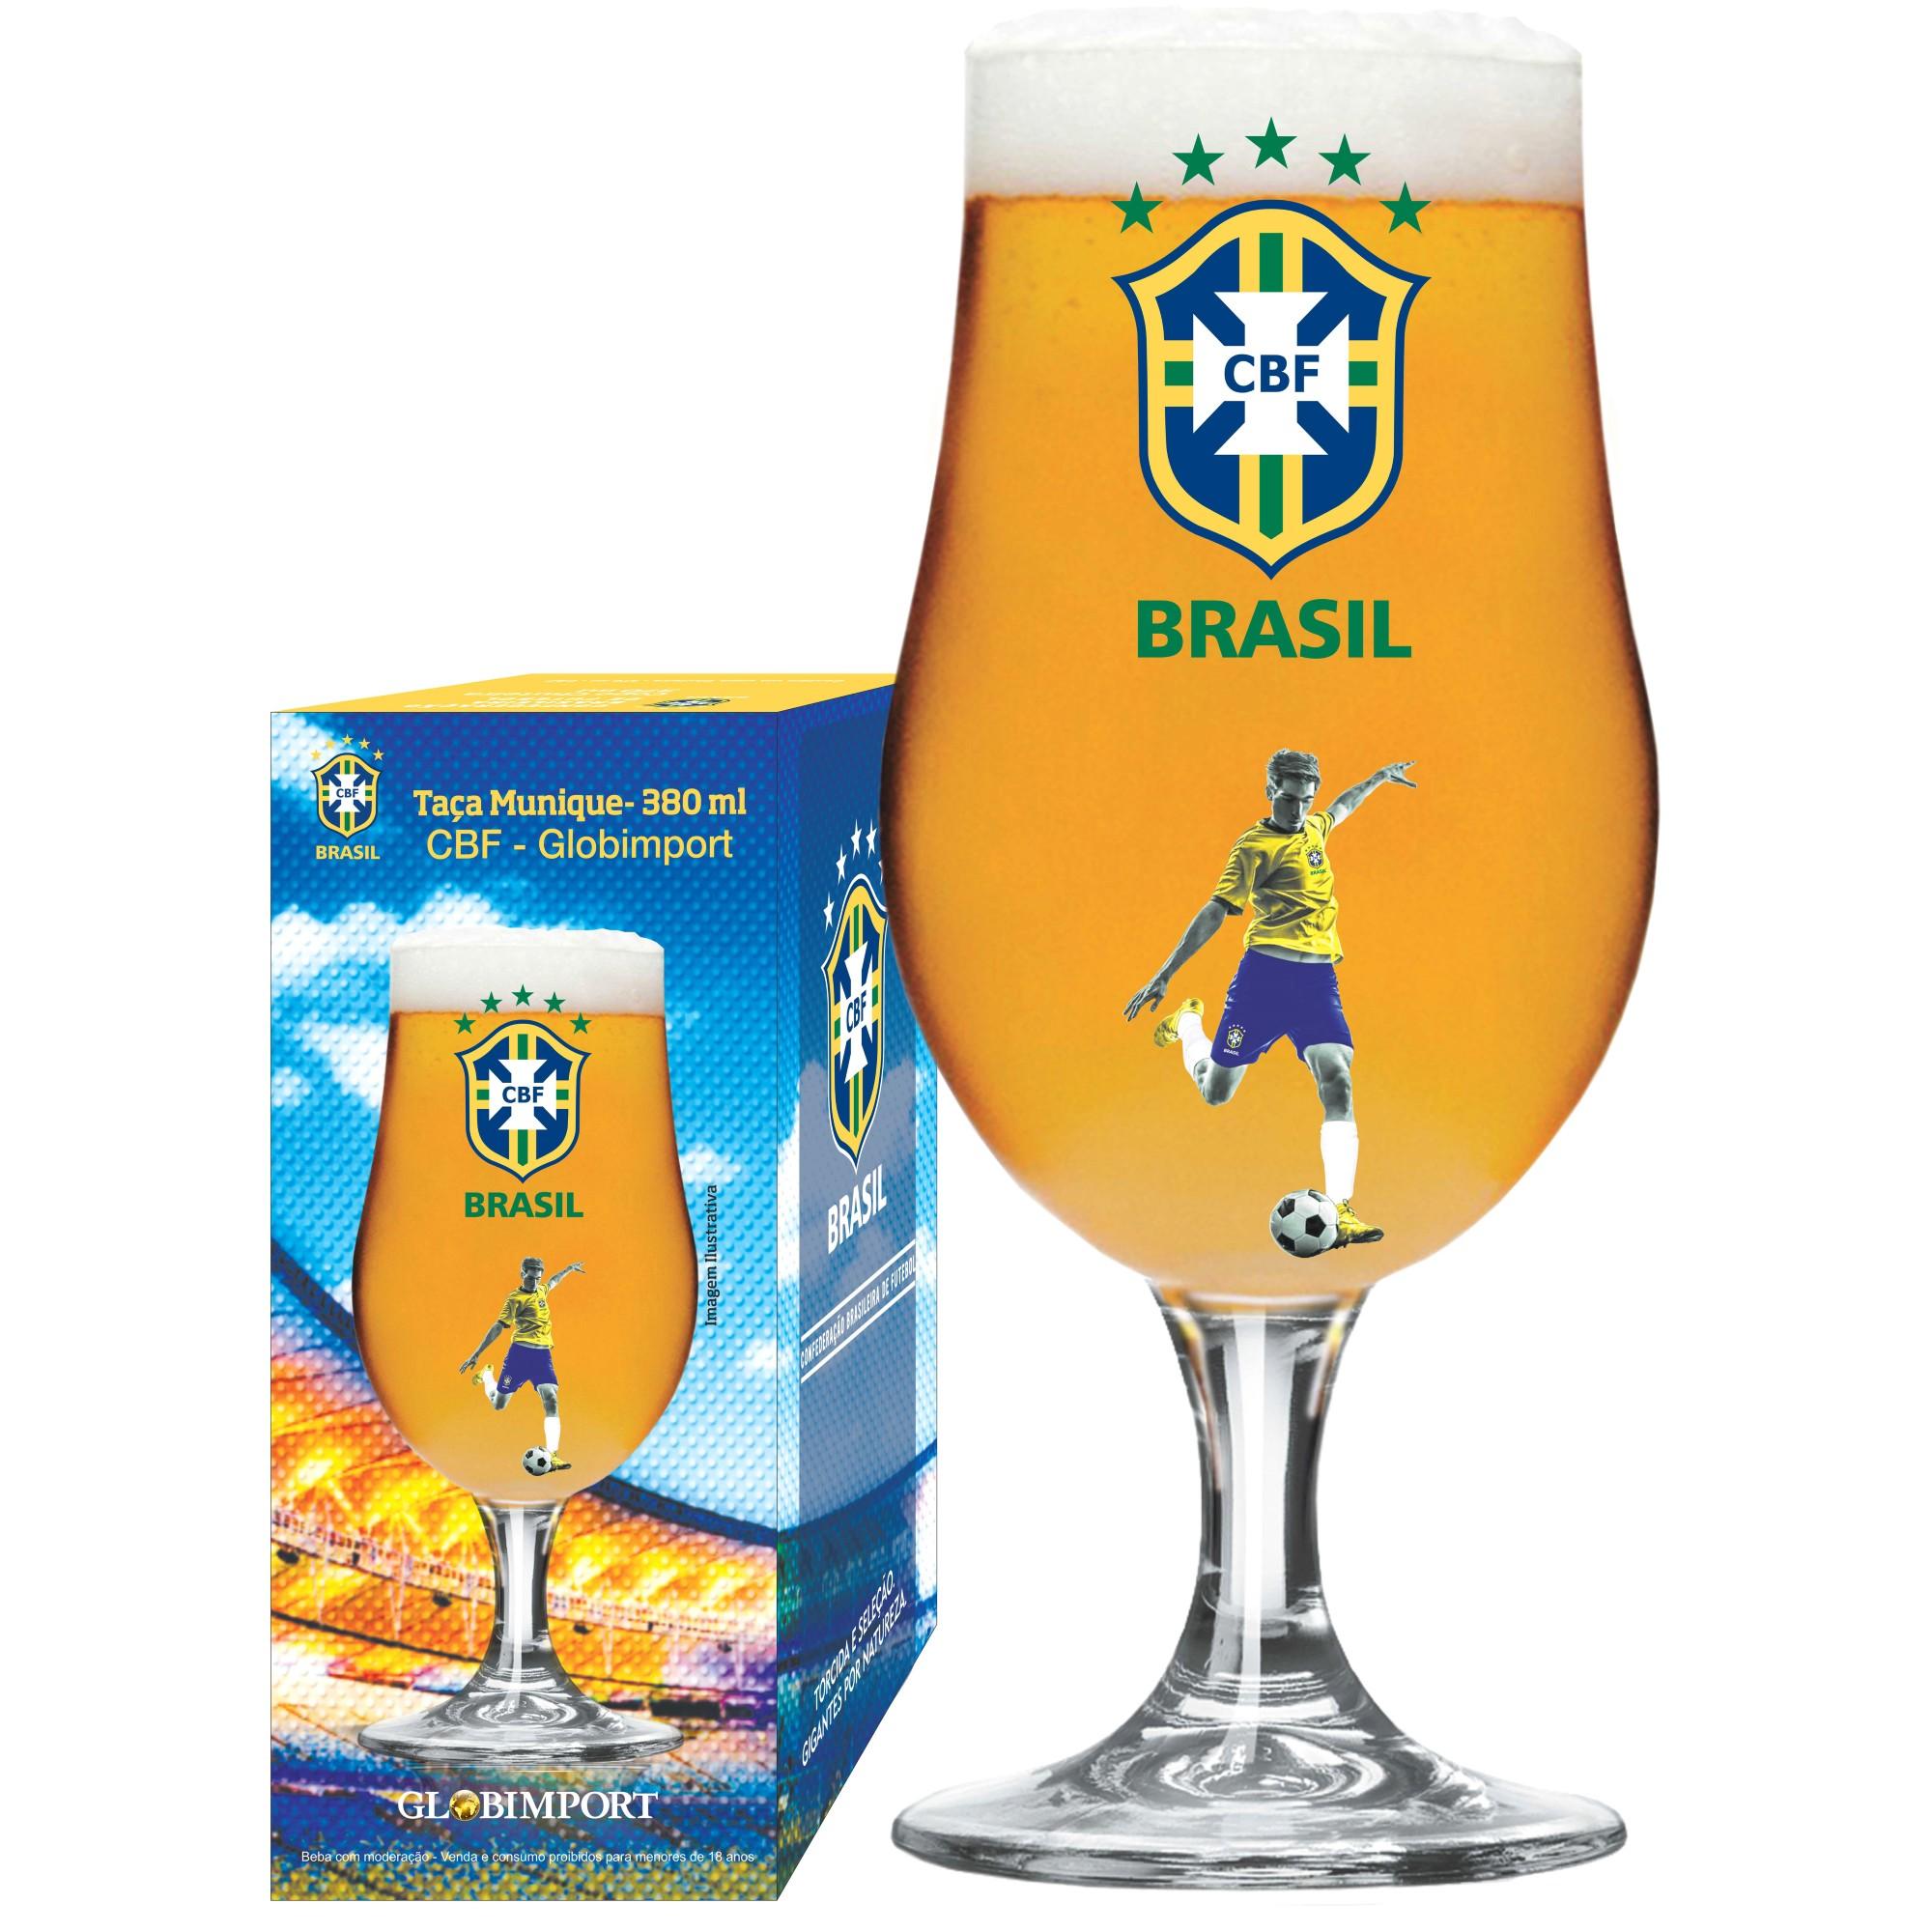 Taca de Cerveja Vidro 380ml Transparente Jogador CBF - Globimport